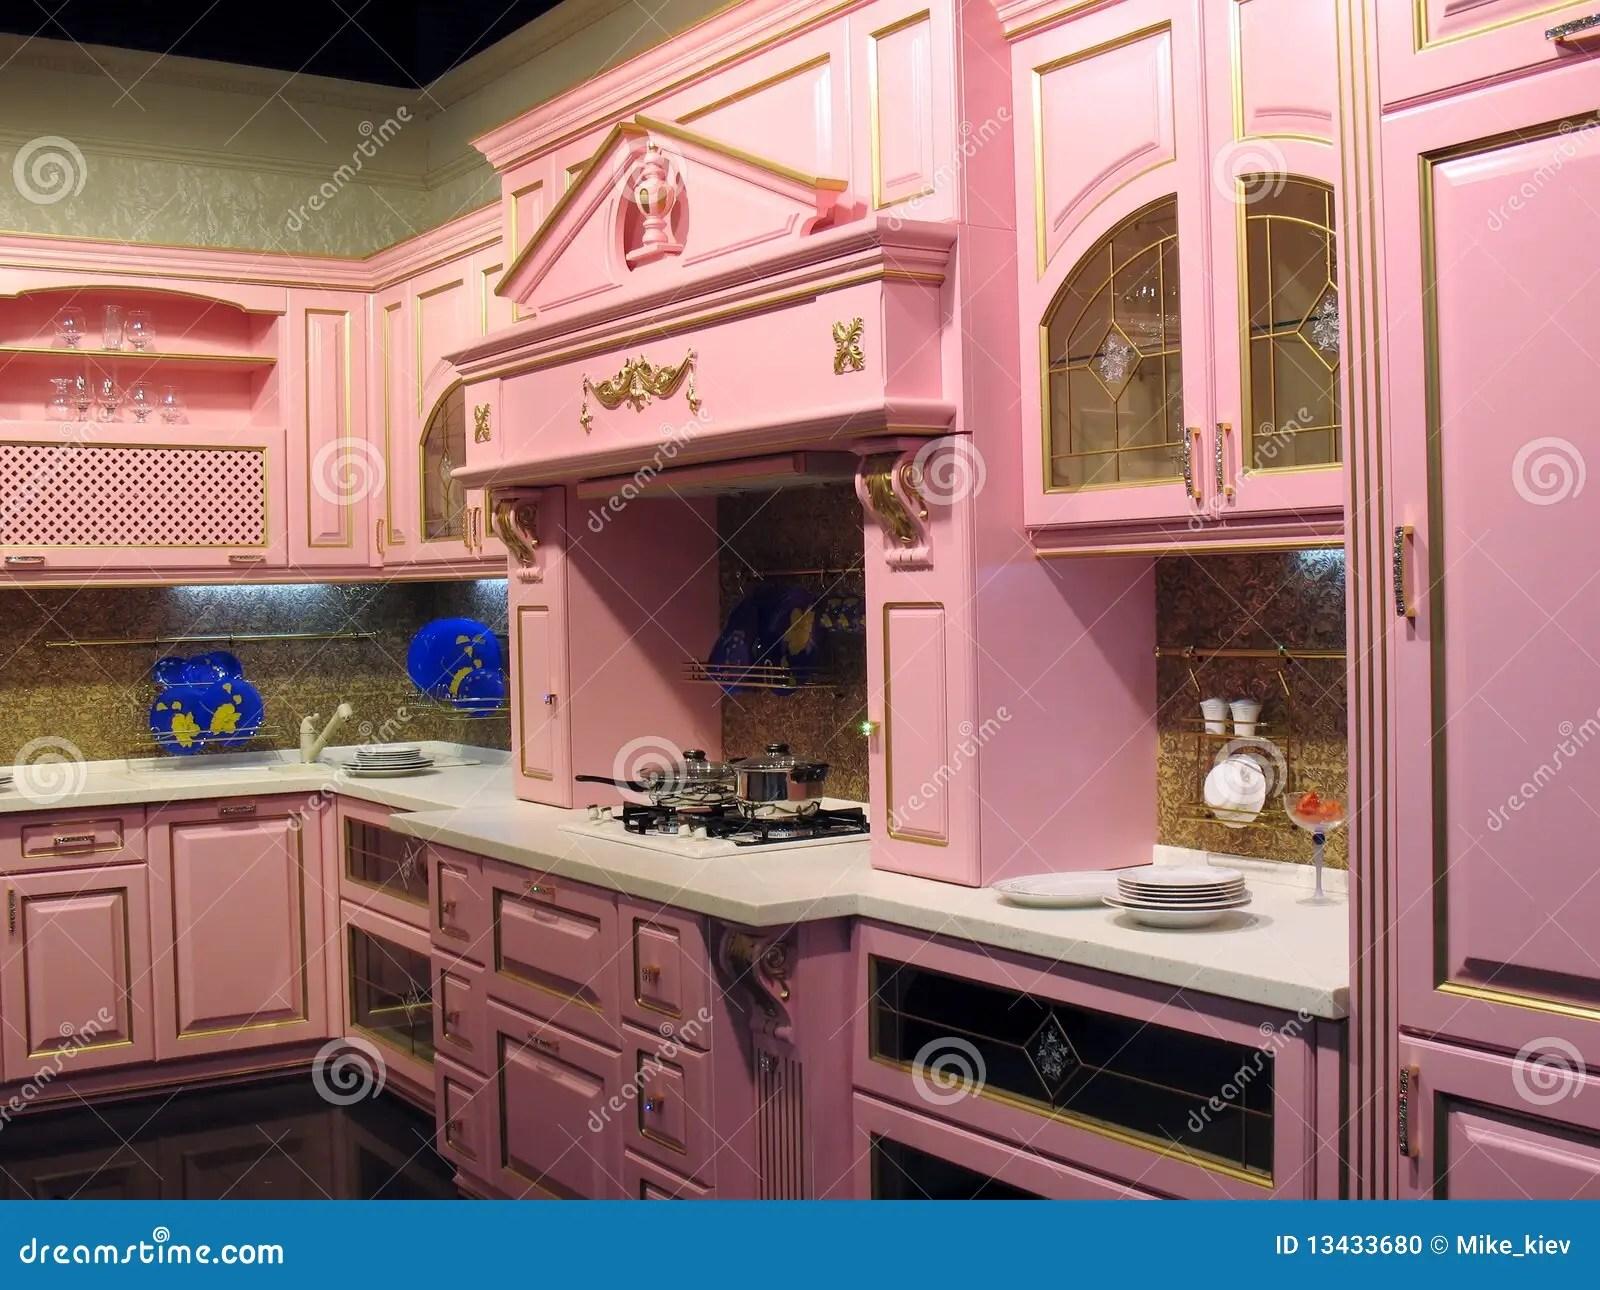 in stock kitchens replacing kitchen cabinets 内部厨房粉红色库存照片 图片包括有家具 当代 火炉 空间 灌肠器 内部厨房粉红色